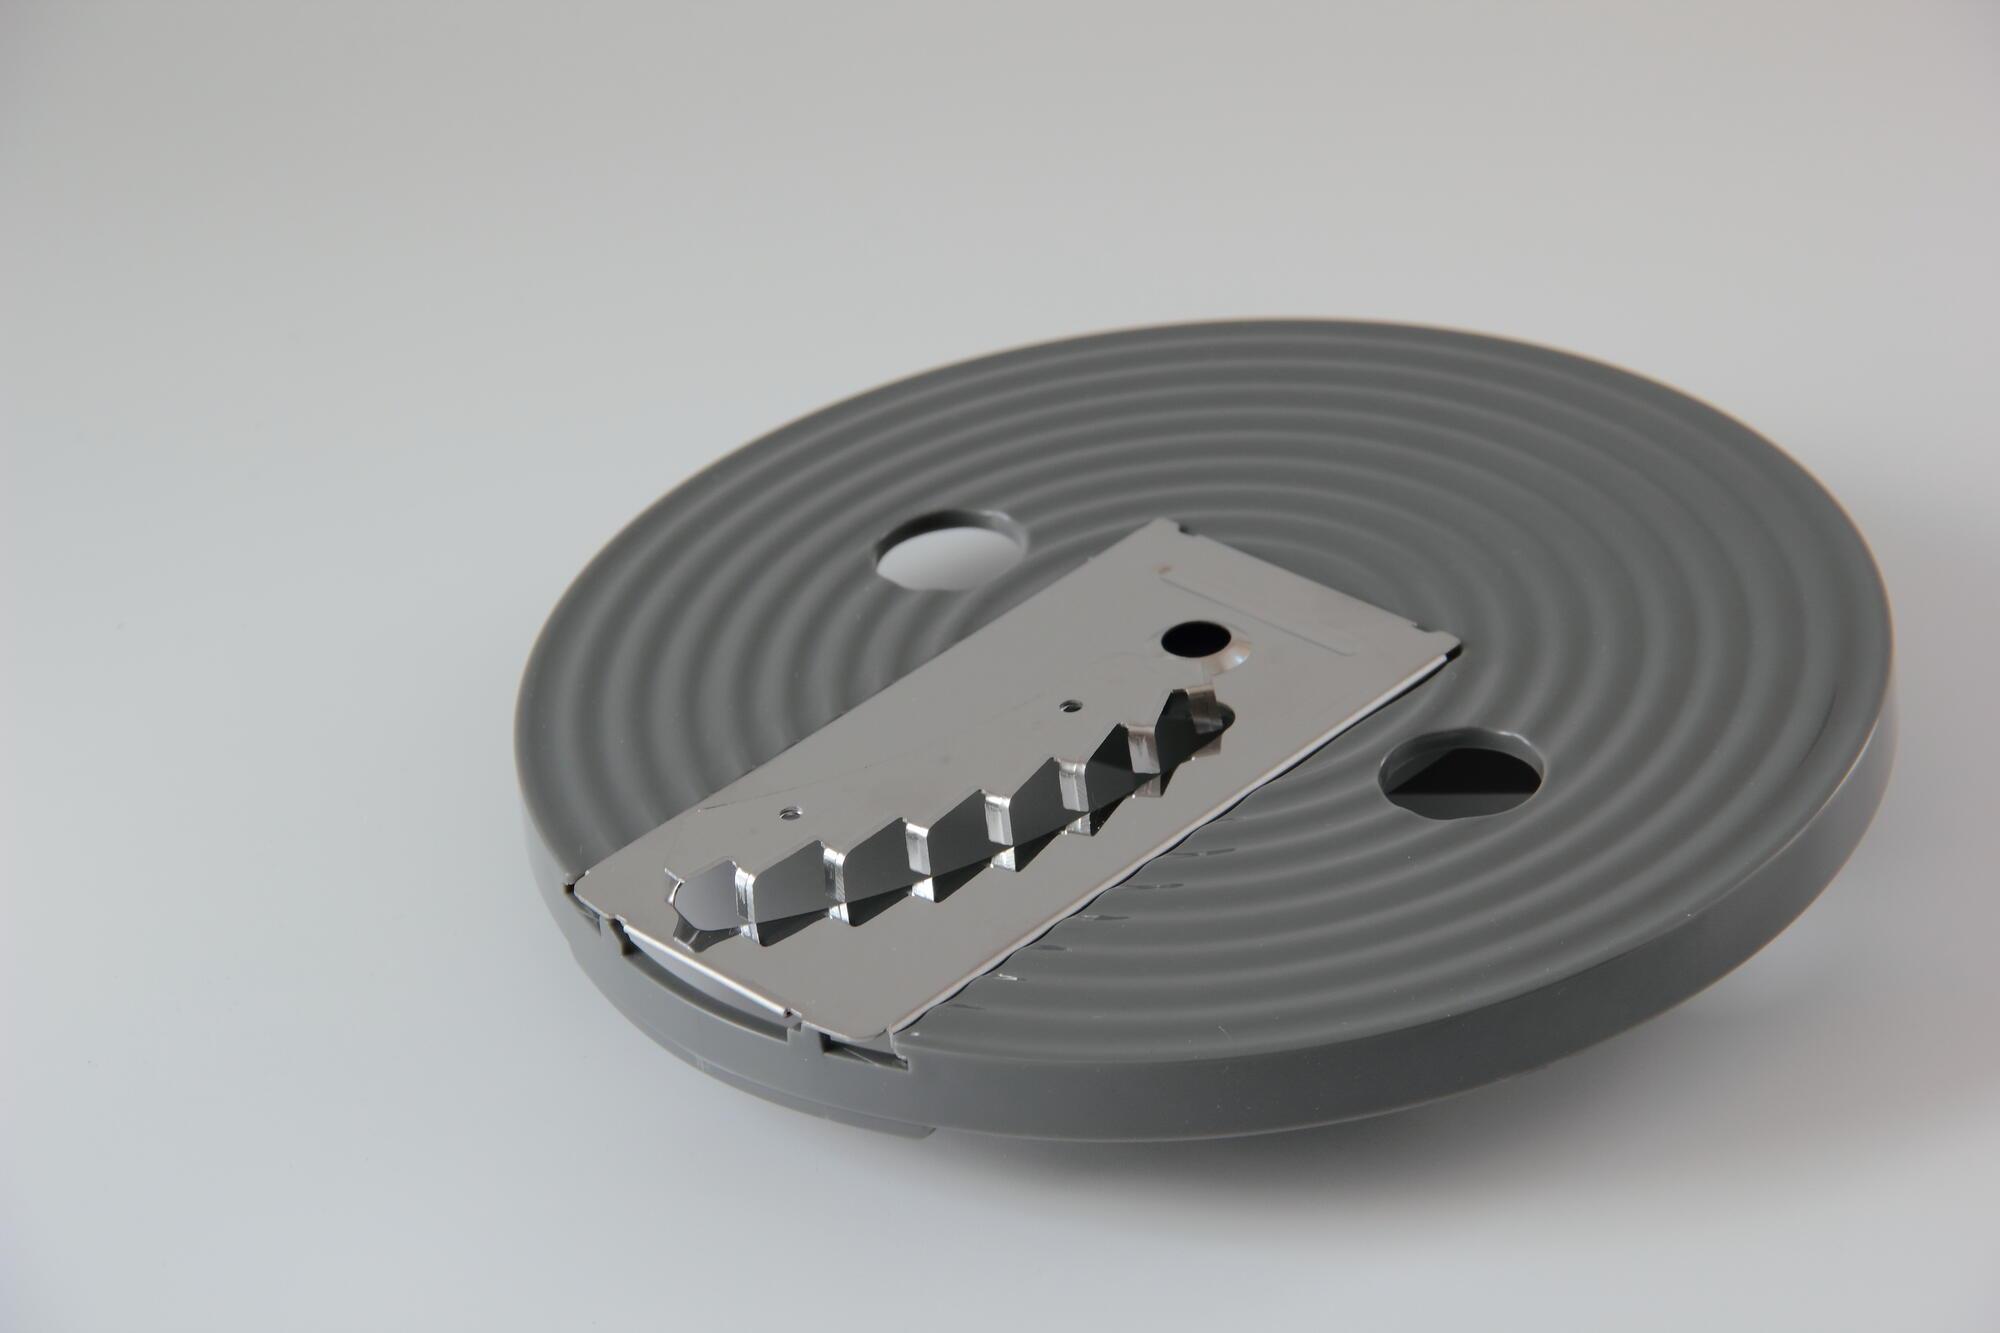 Bytovaya Tehnika - Obzor kuhonnogo kombayna. Dexp FPC-800 - kompaktnyy pomoshcnik na vashey kuhne.